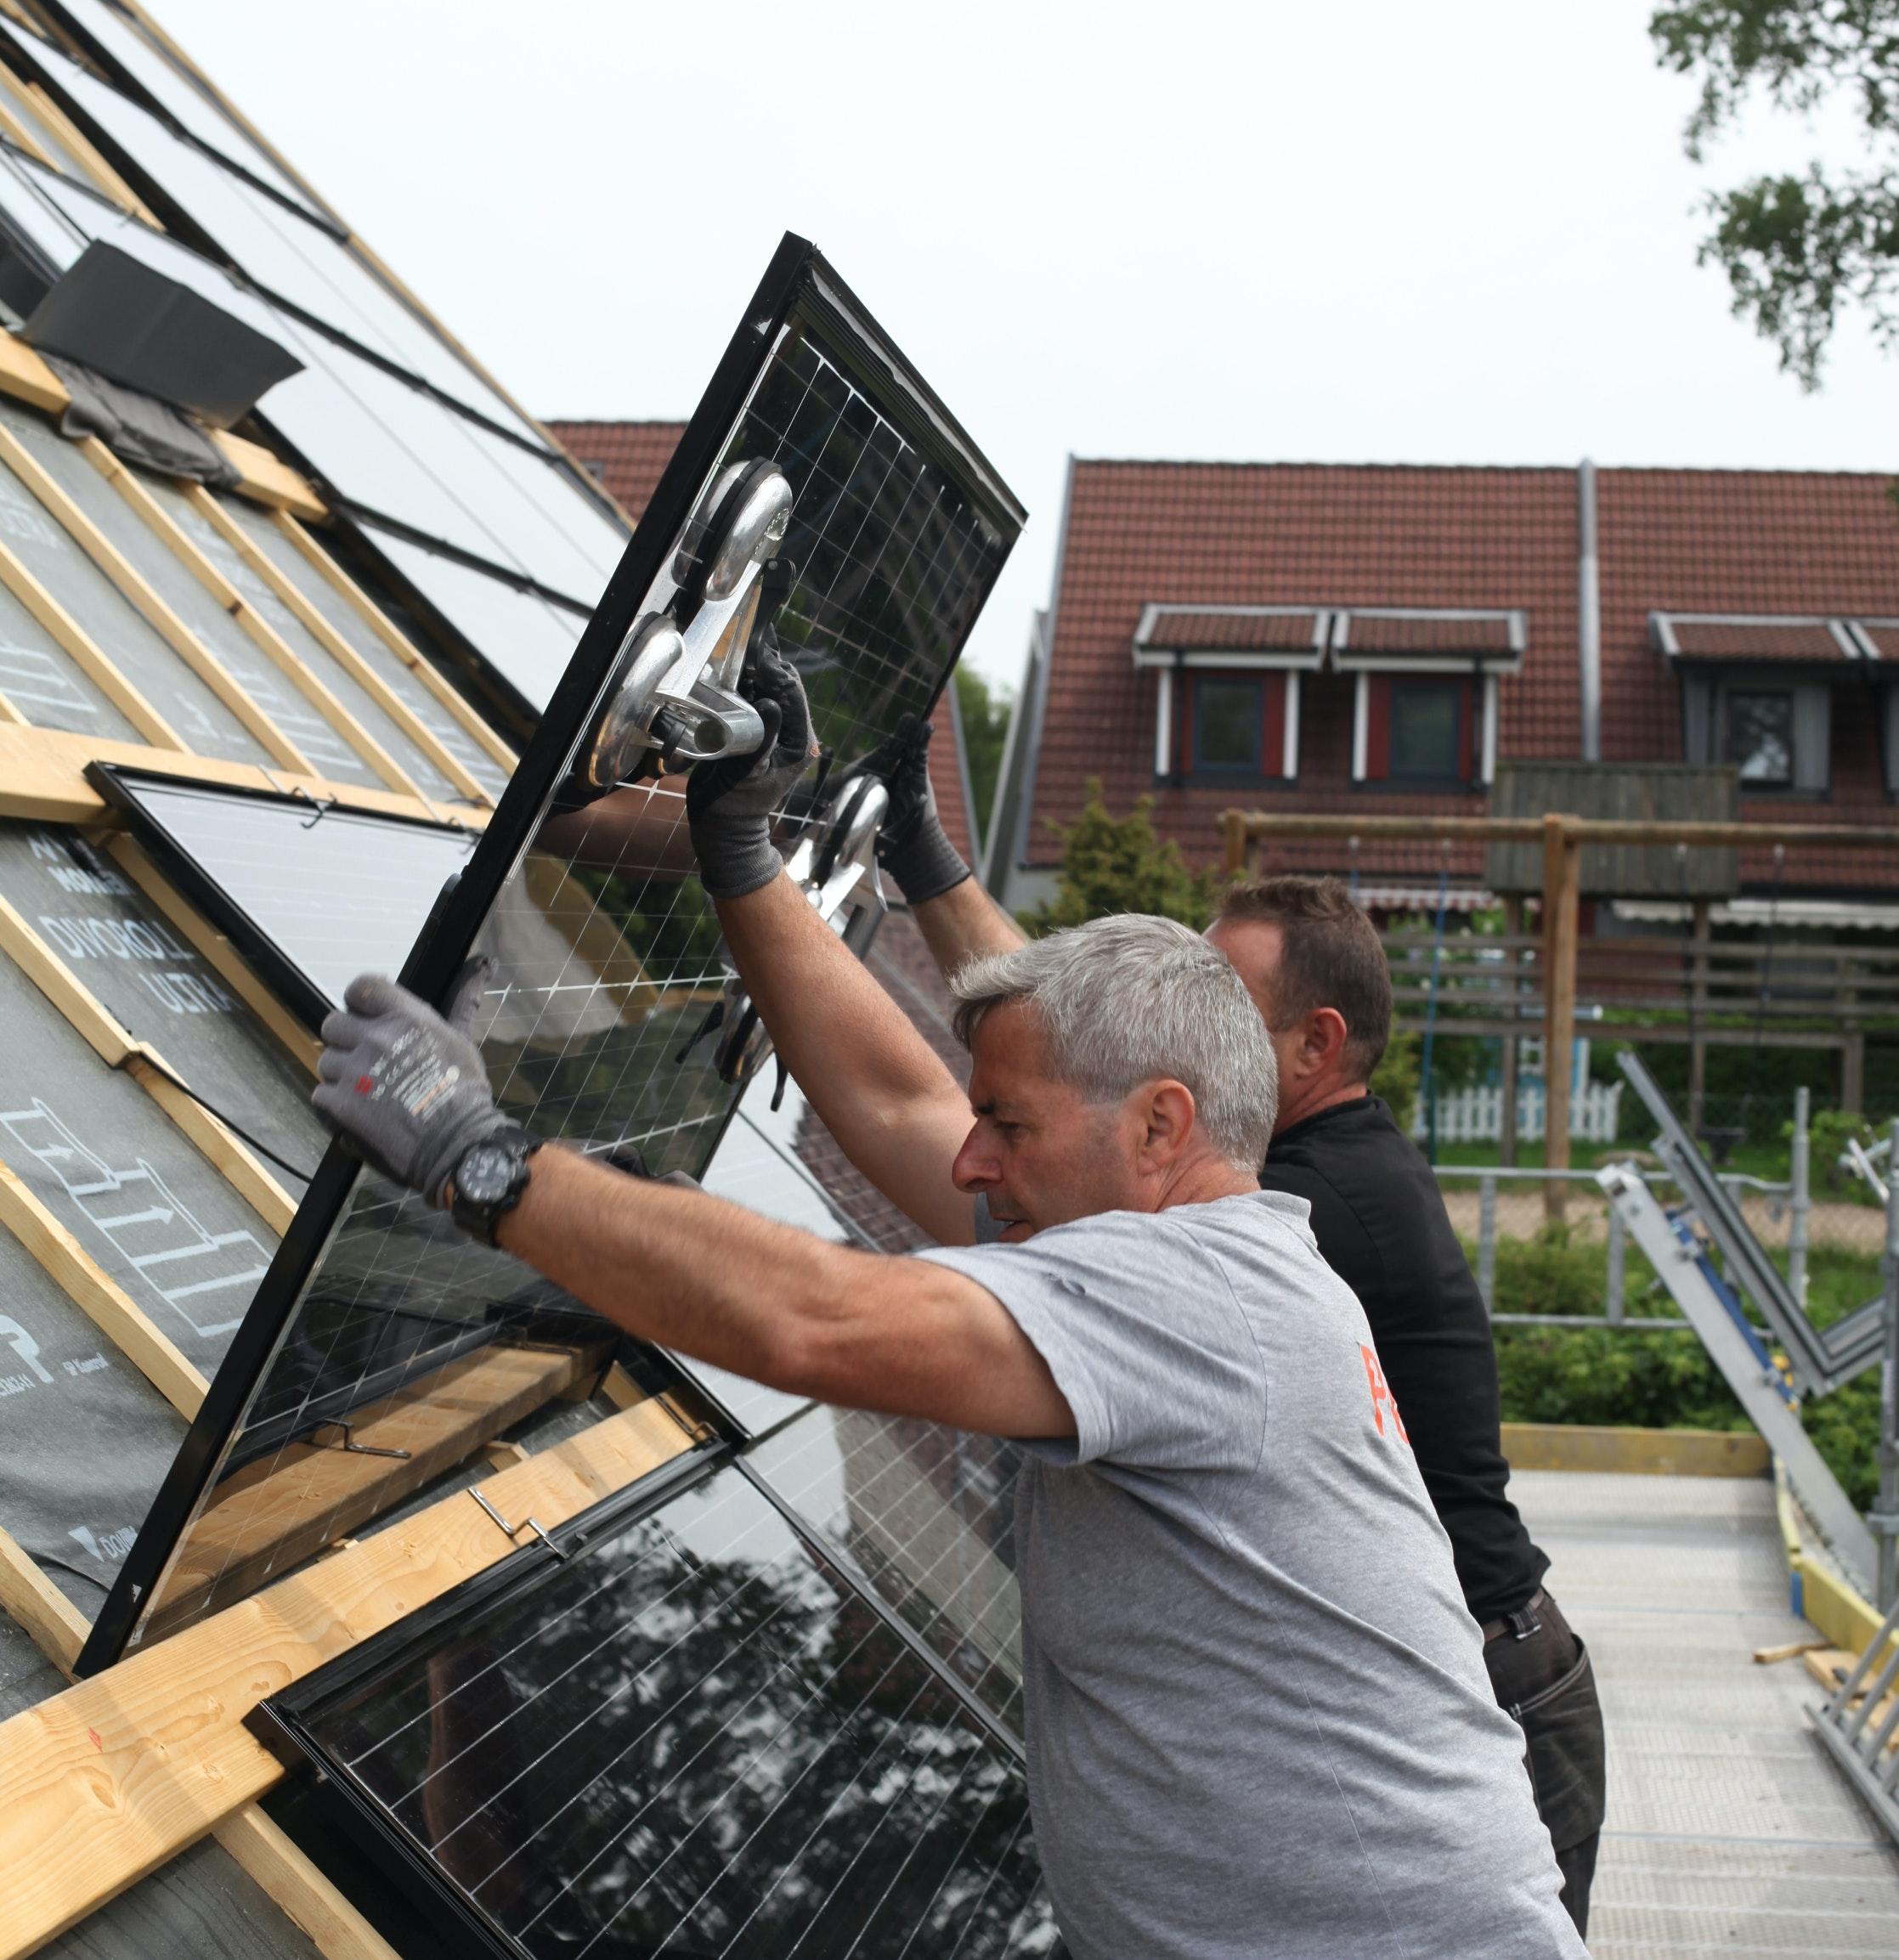 Pågående installation av ett takintegrerat solcellssystem.